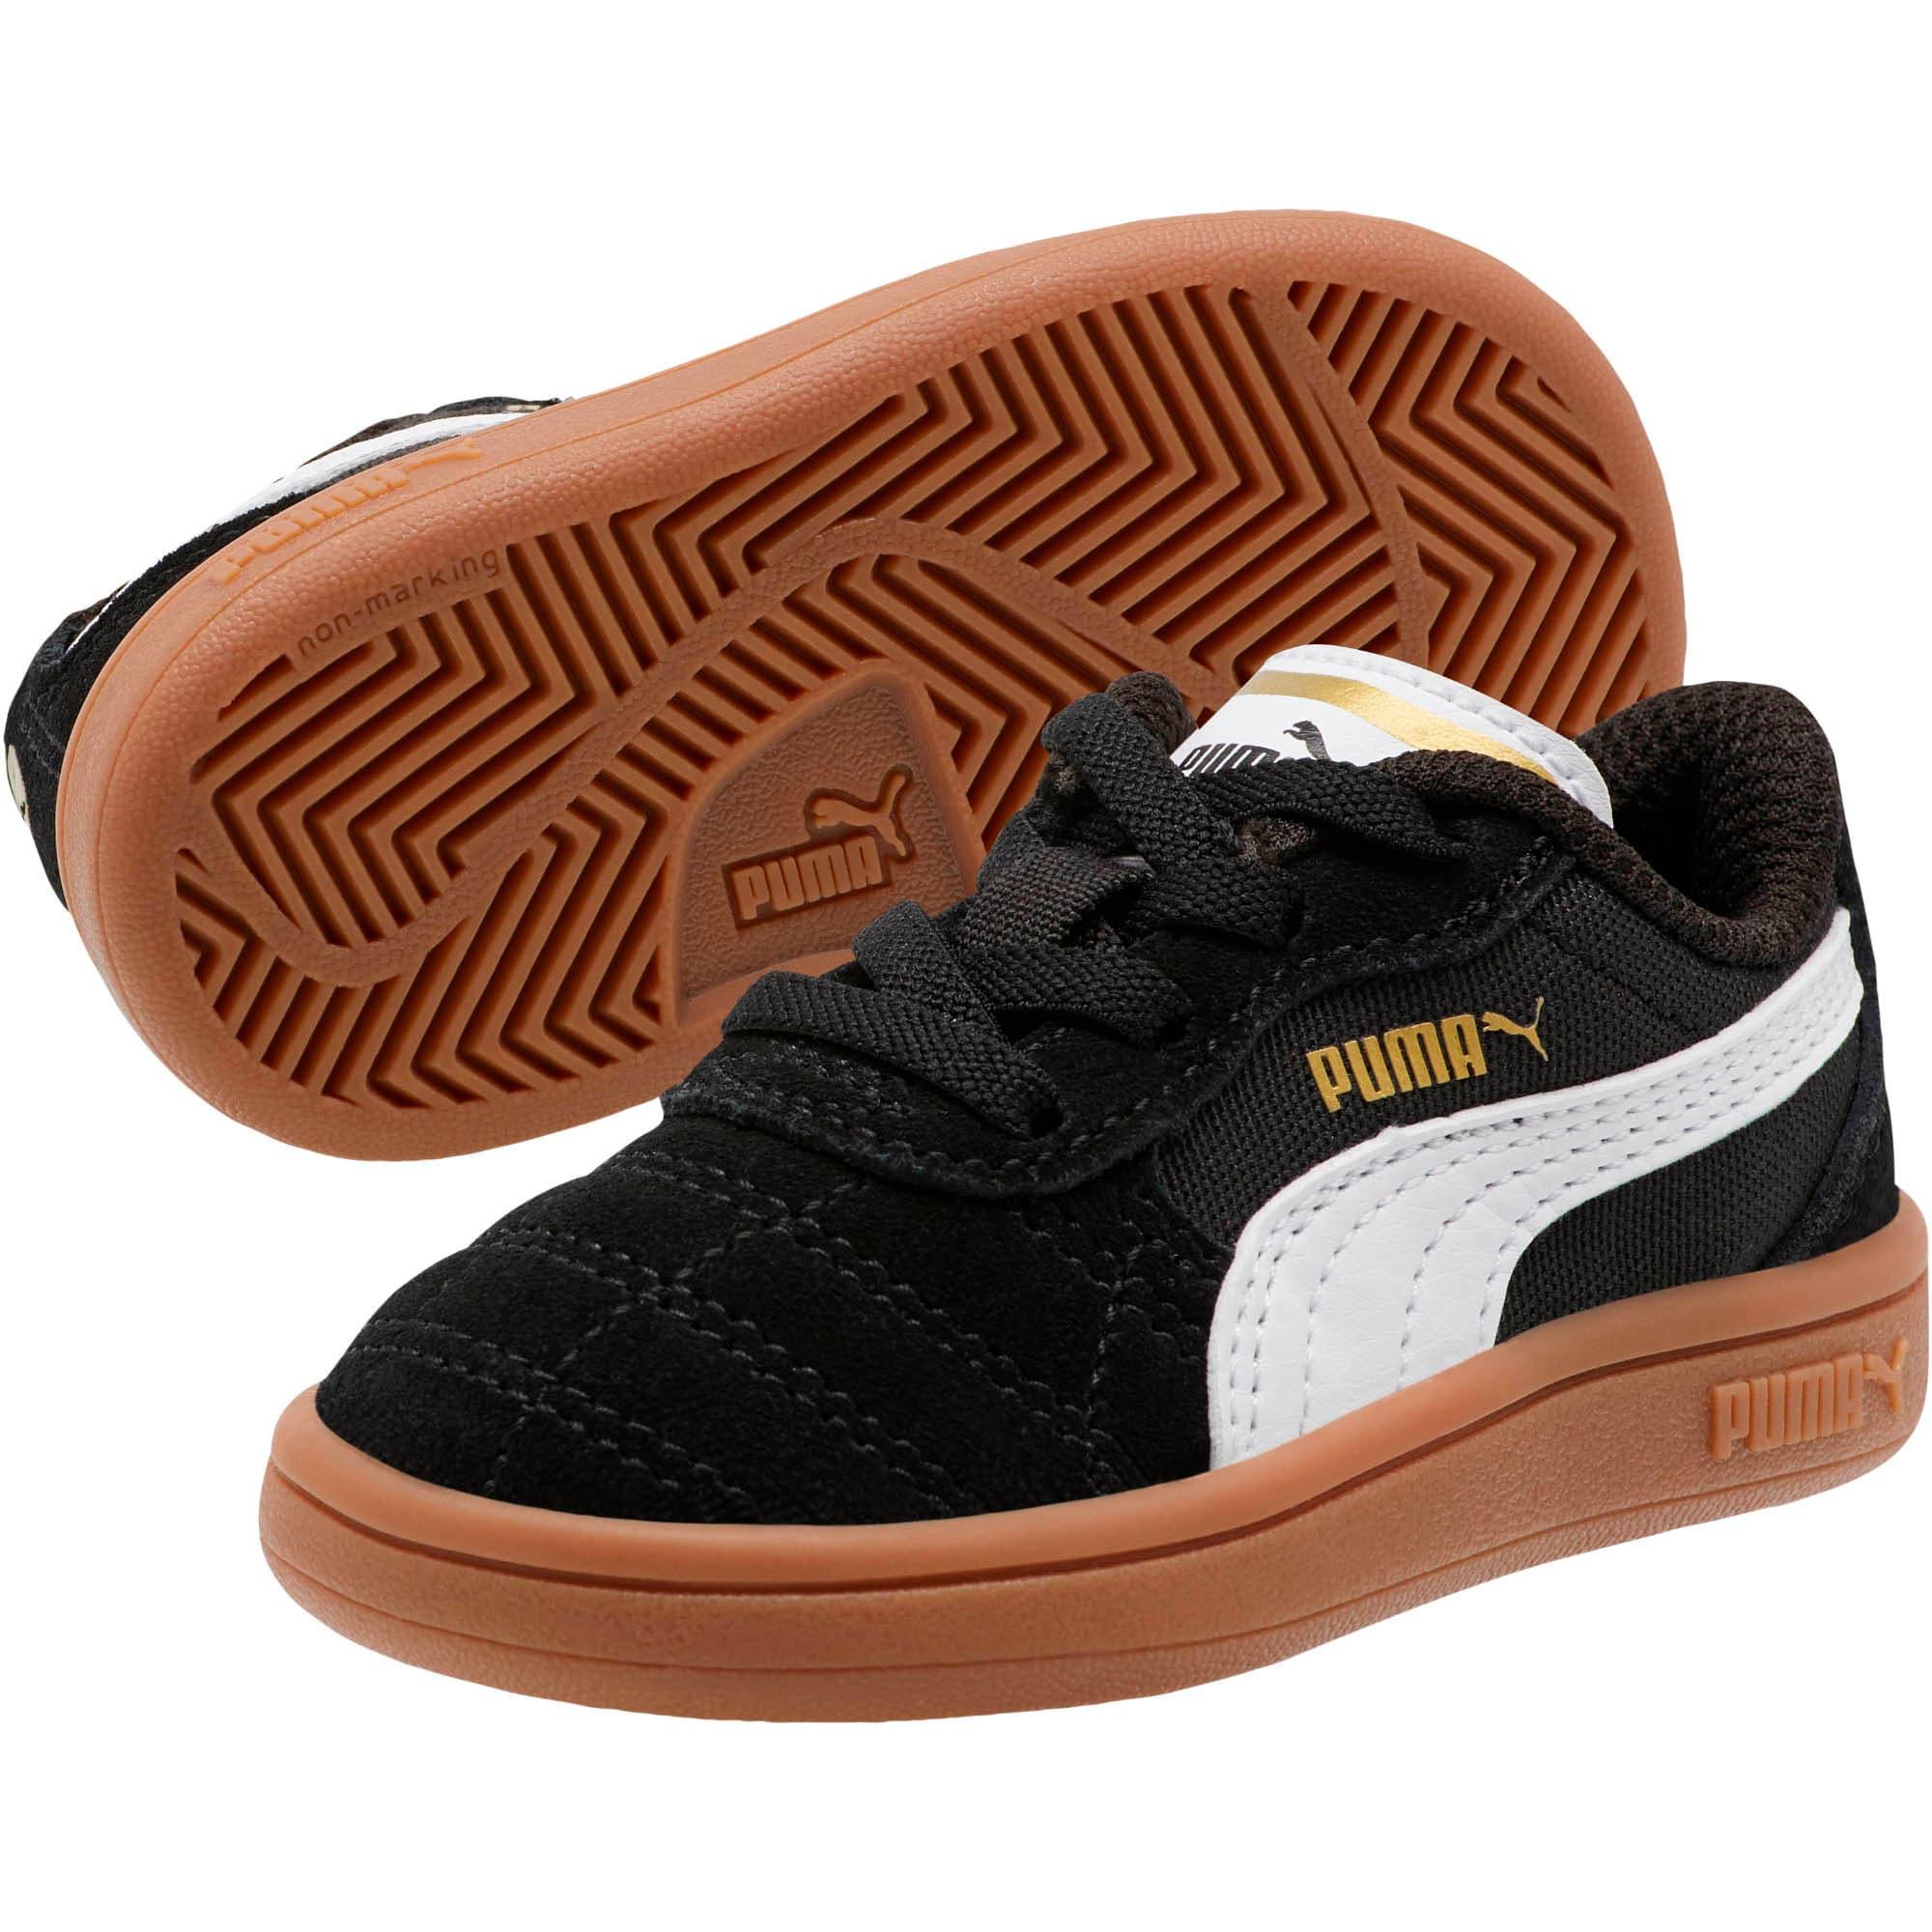 Miniatura 2 de Zapatos Astro Kick AC para bebé, Puma Black-Puma White-Gold, mediano